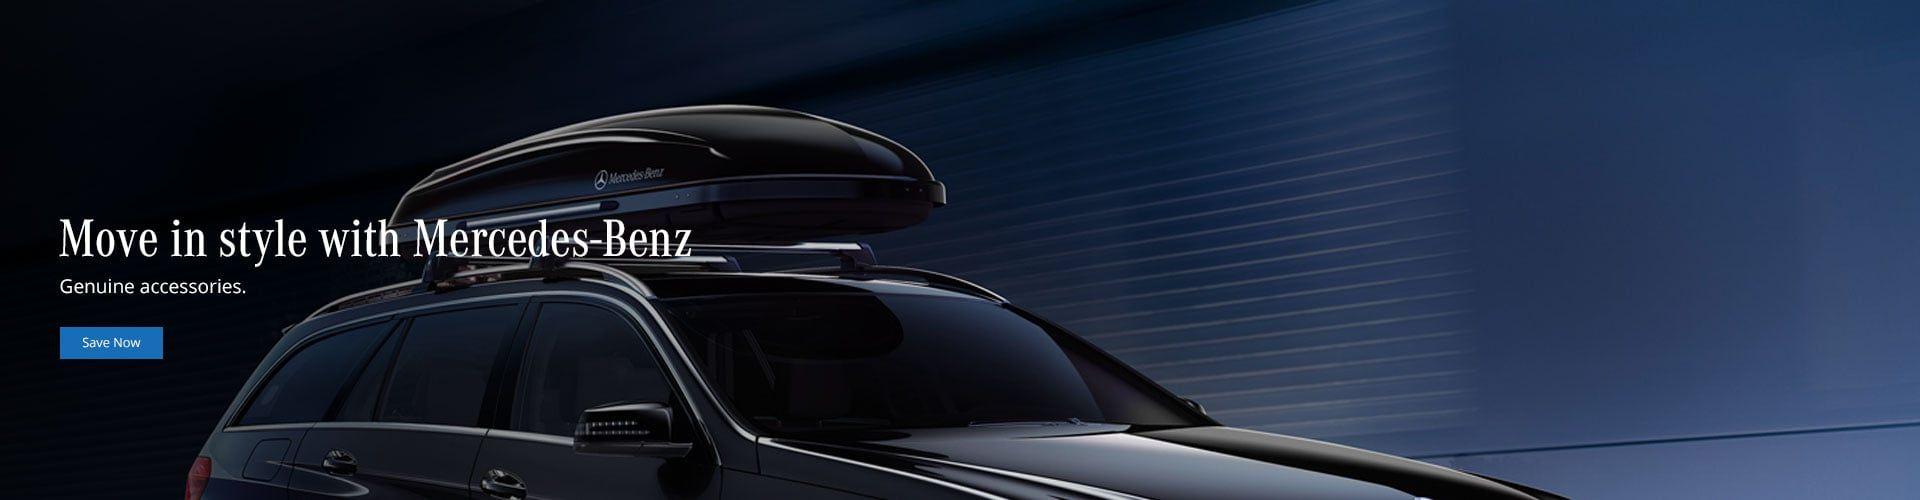 Genuine Mercedez-Benz Accessories